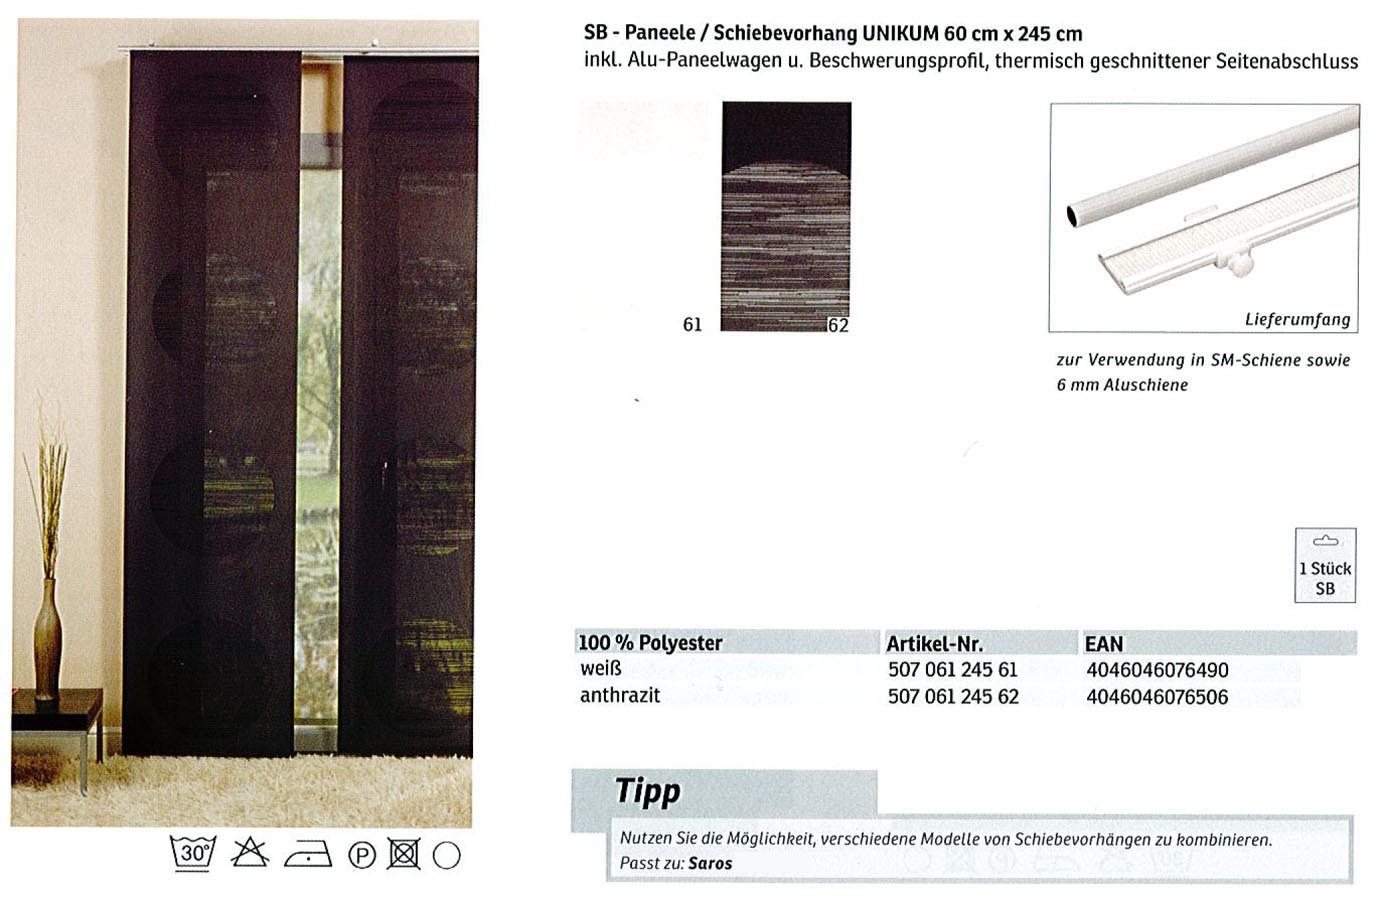 Schiebevorhang Unikum weiß 60x245 cm